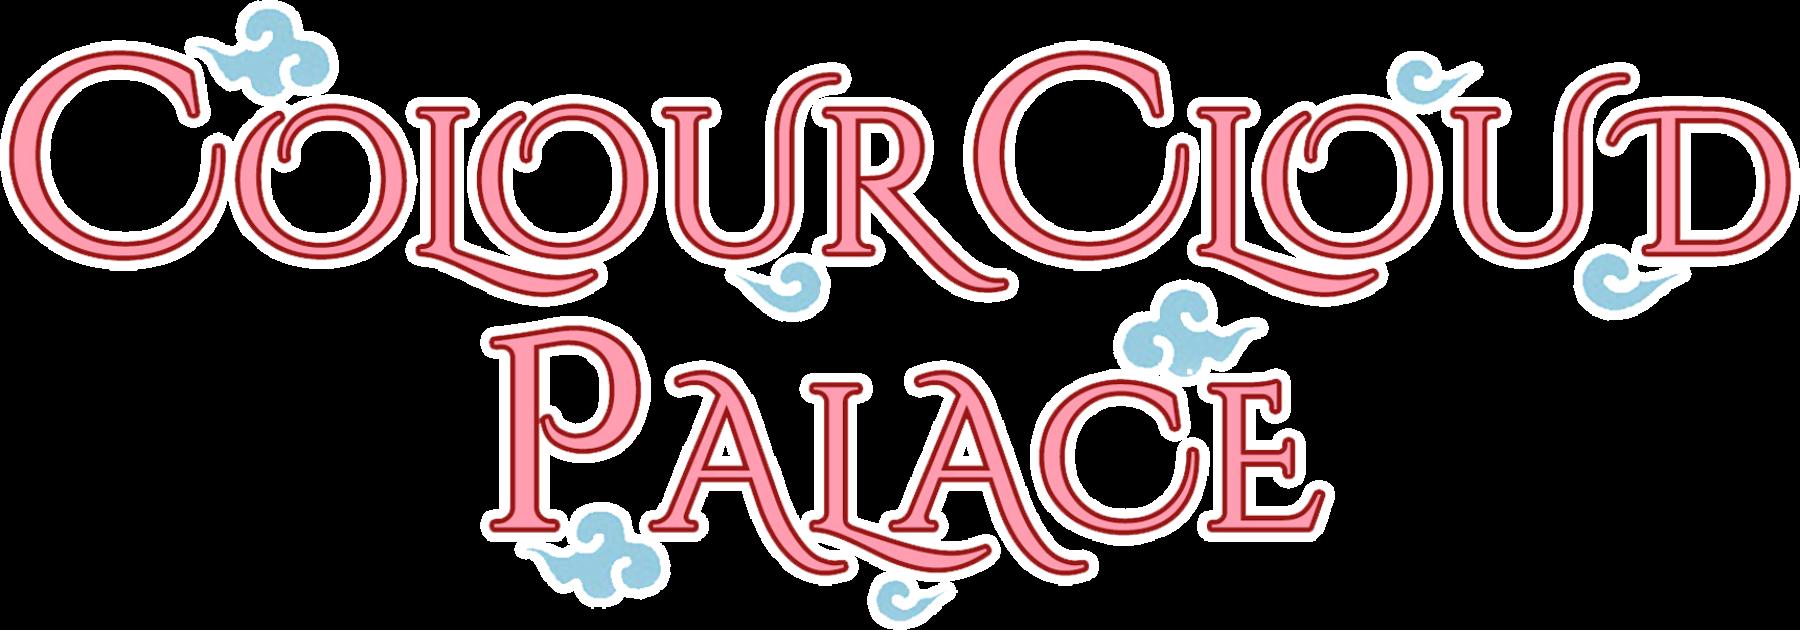 Color Cloud Palace: The Story of Saiunkoku